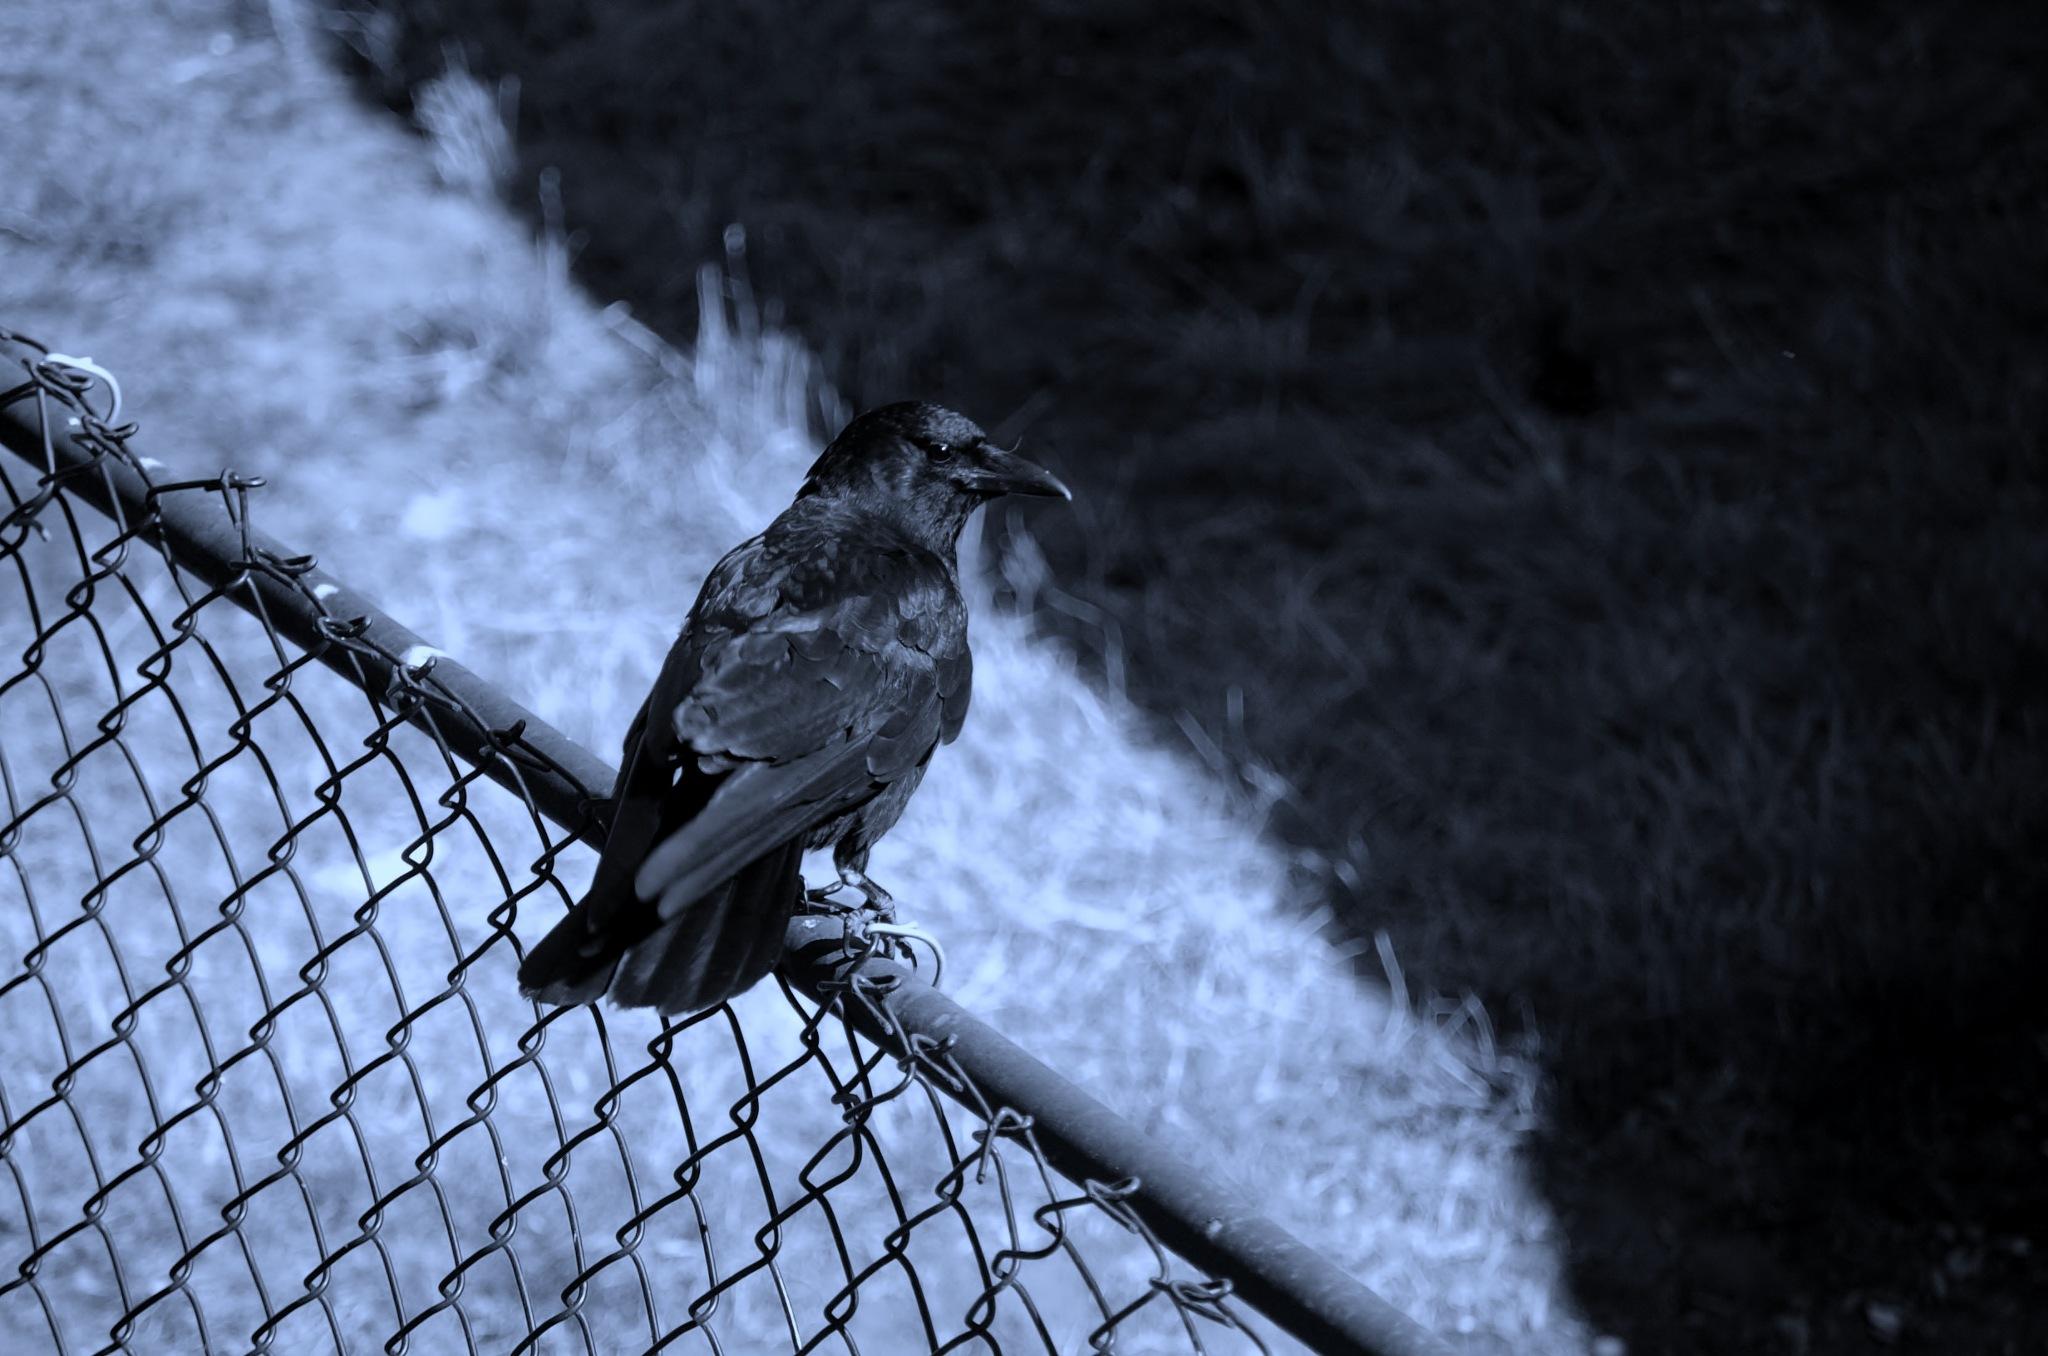 resting on a fence  by Paul Tetloff